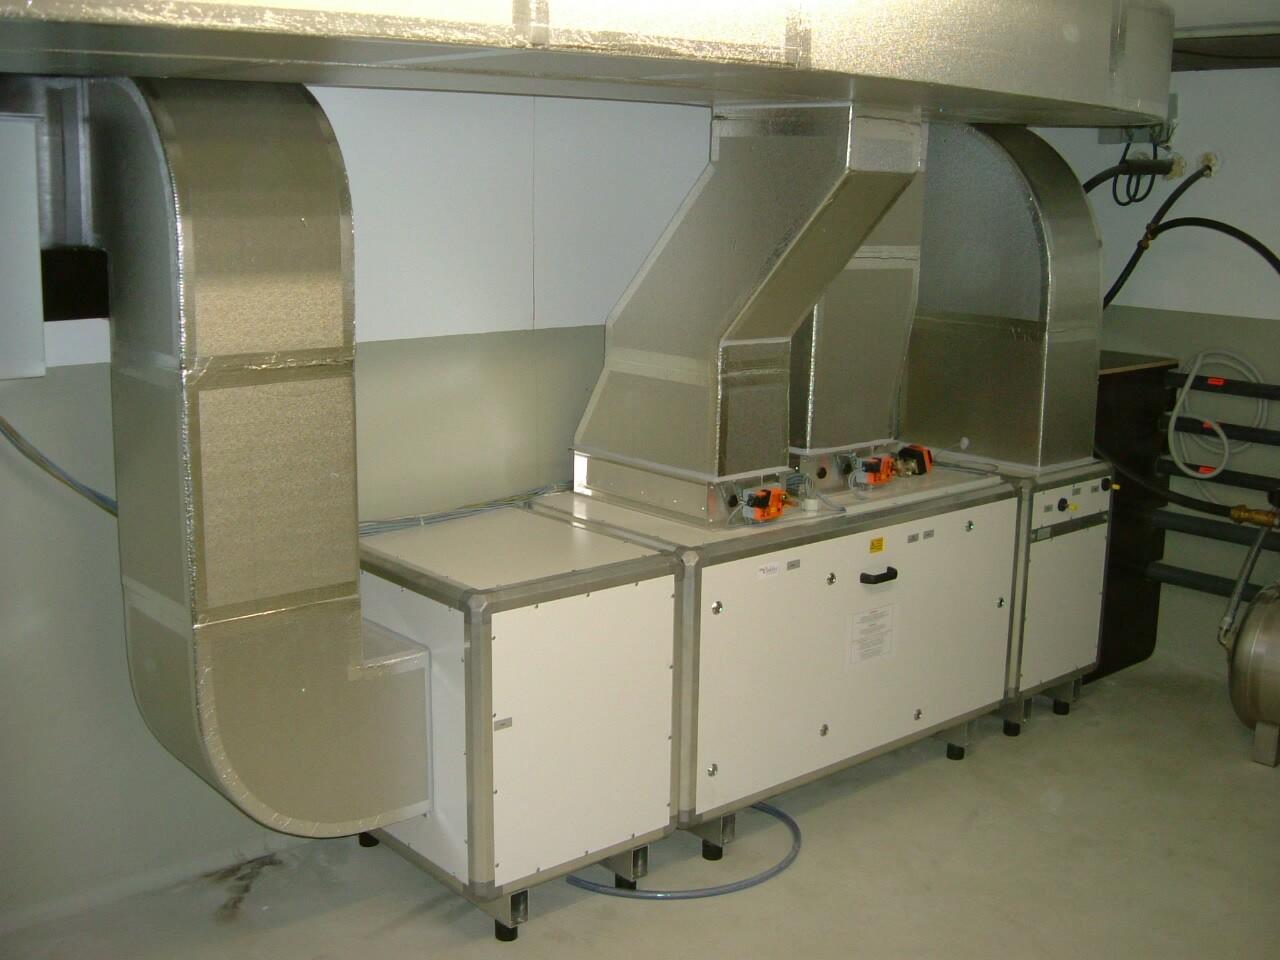 Lüftungsgerät mit PUR-Luftkanälen